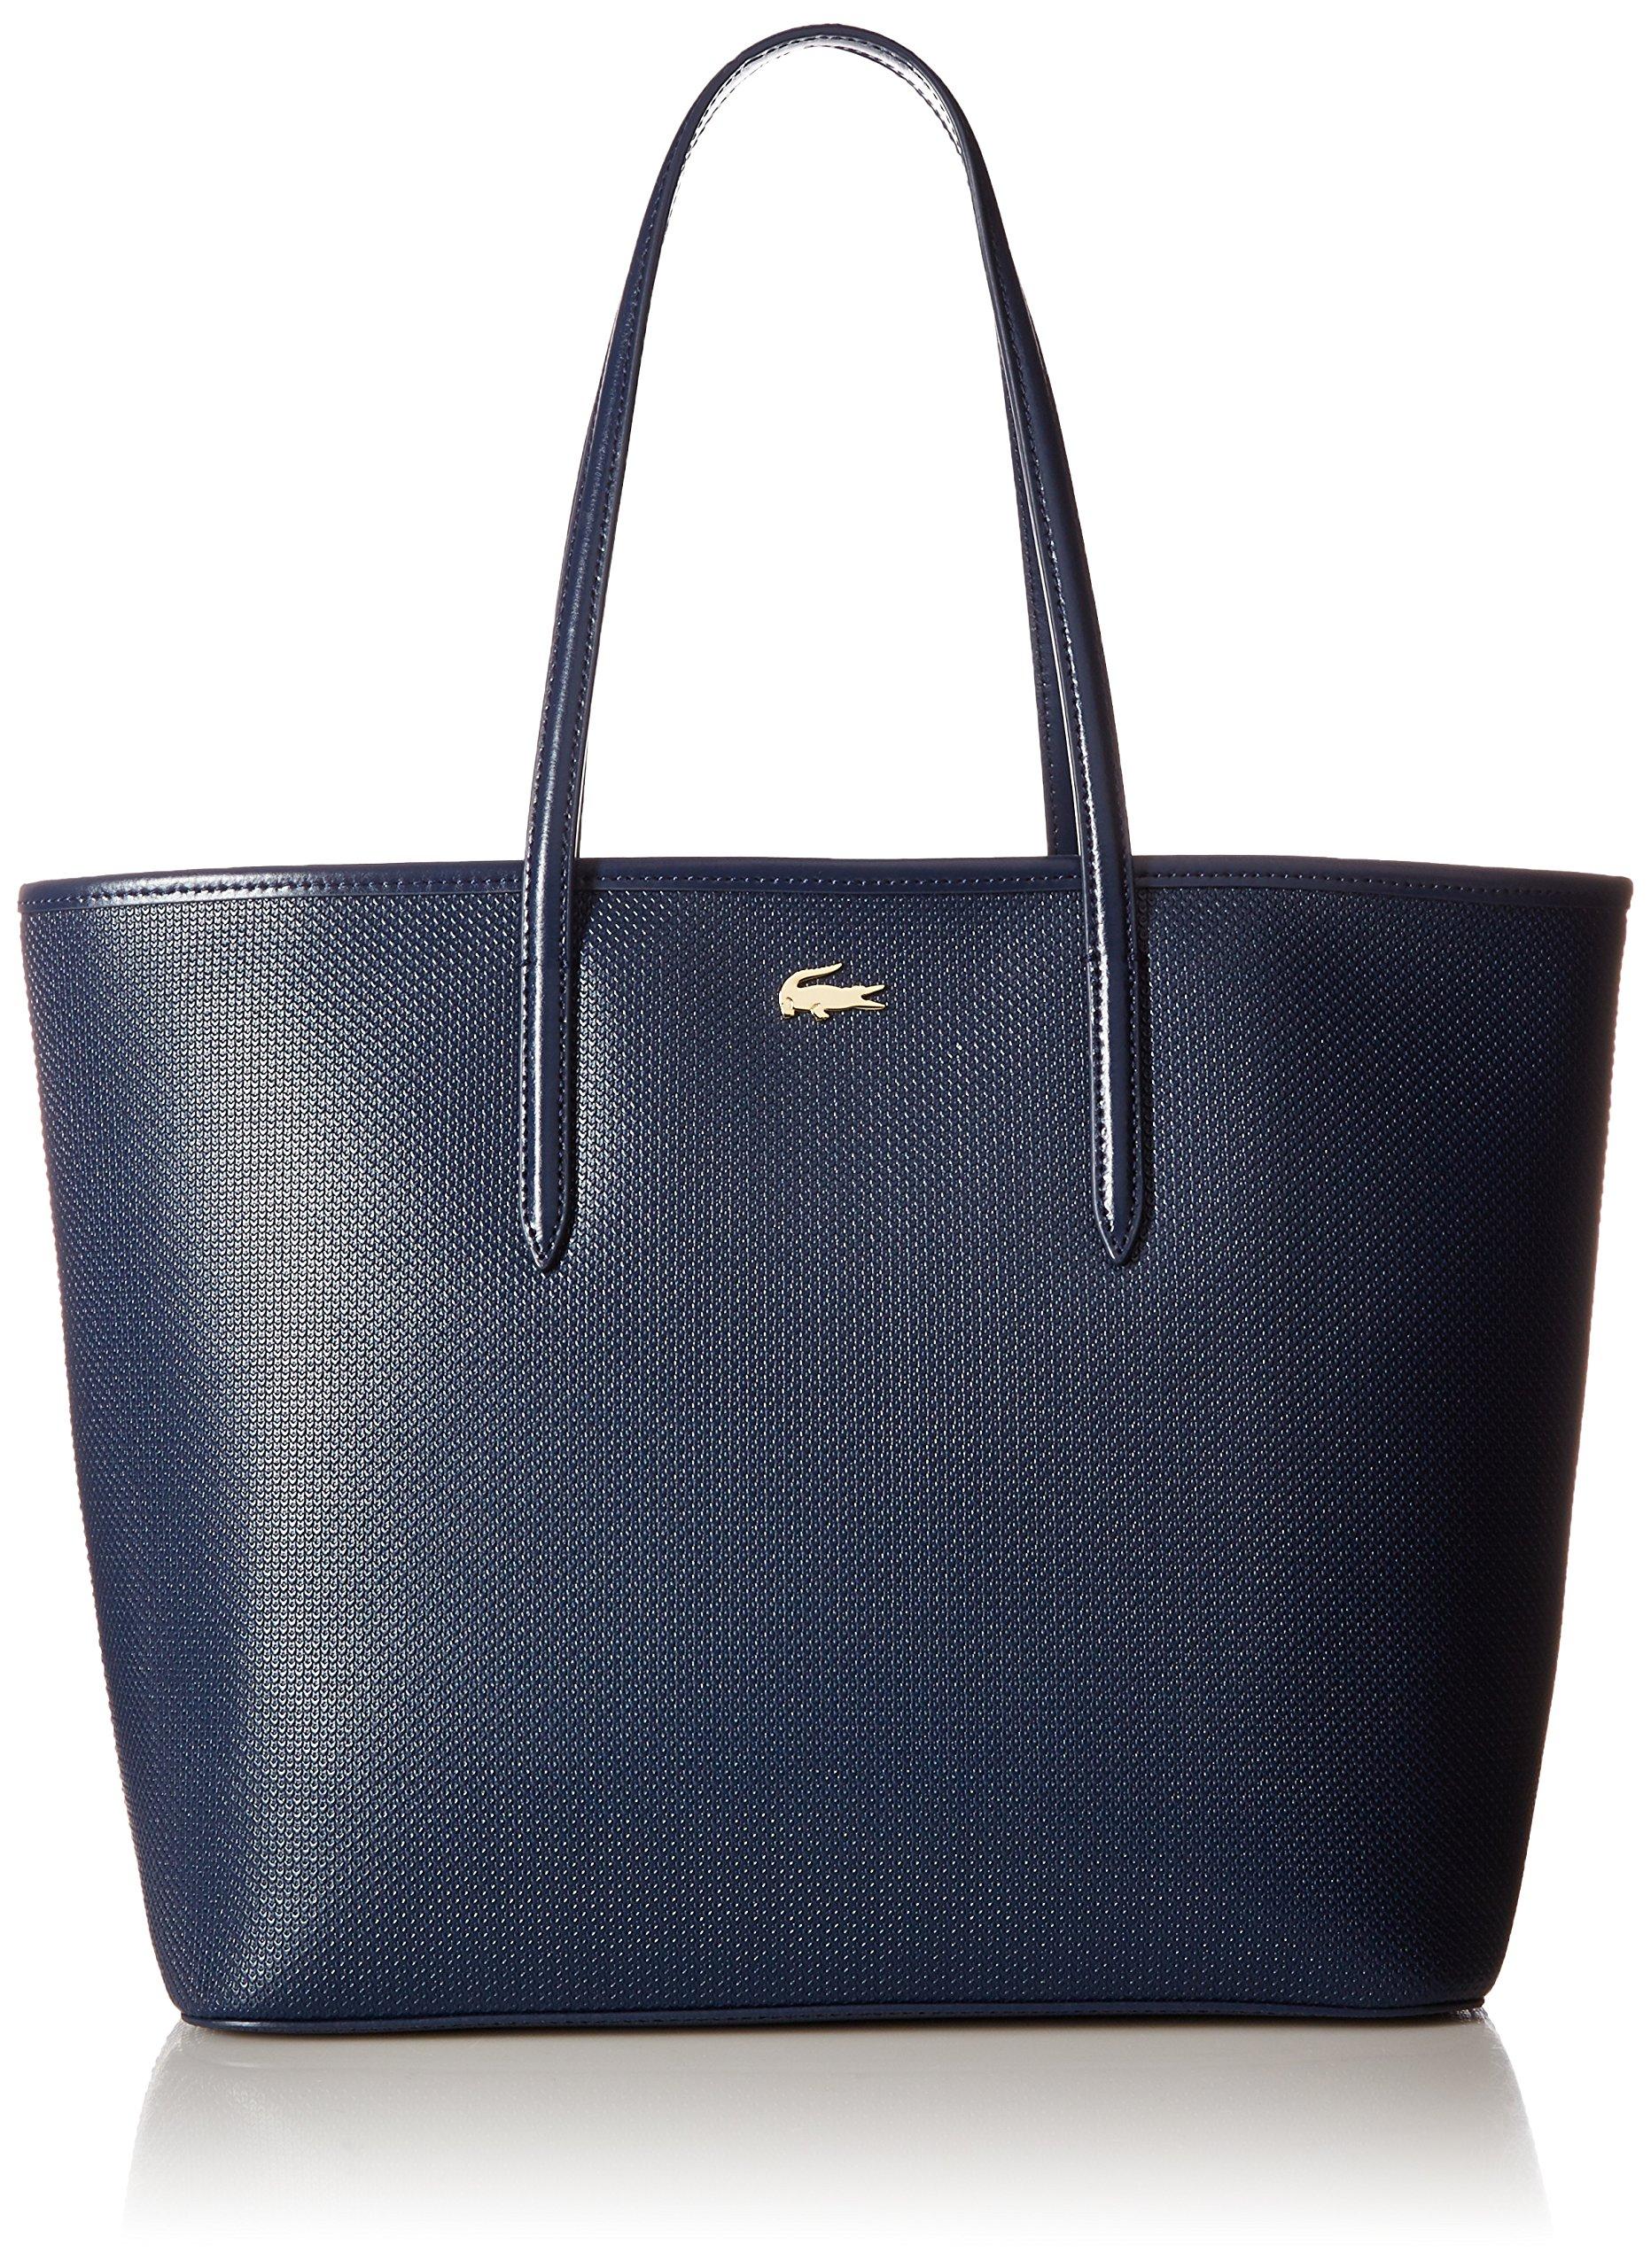 Lacoste Chantaco Zip Shopping Bag, Peacoat